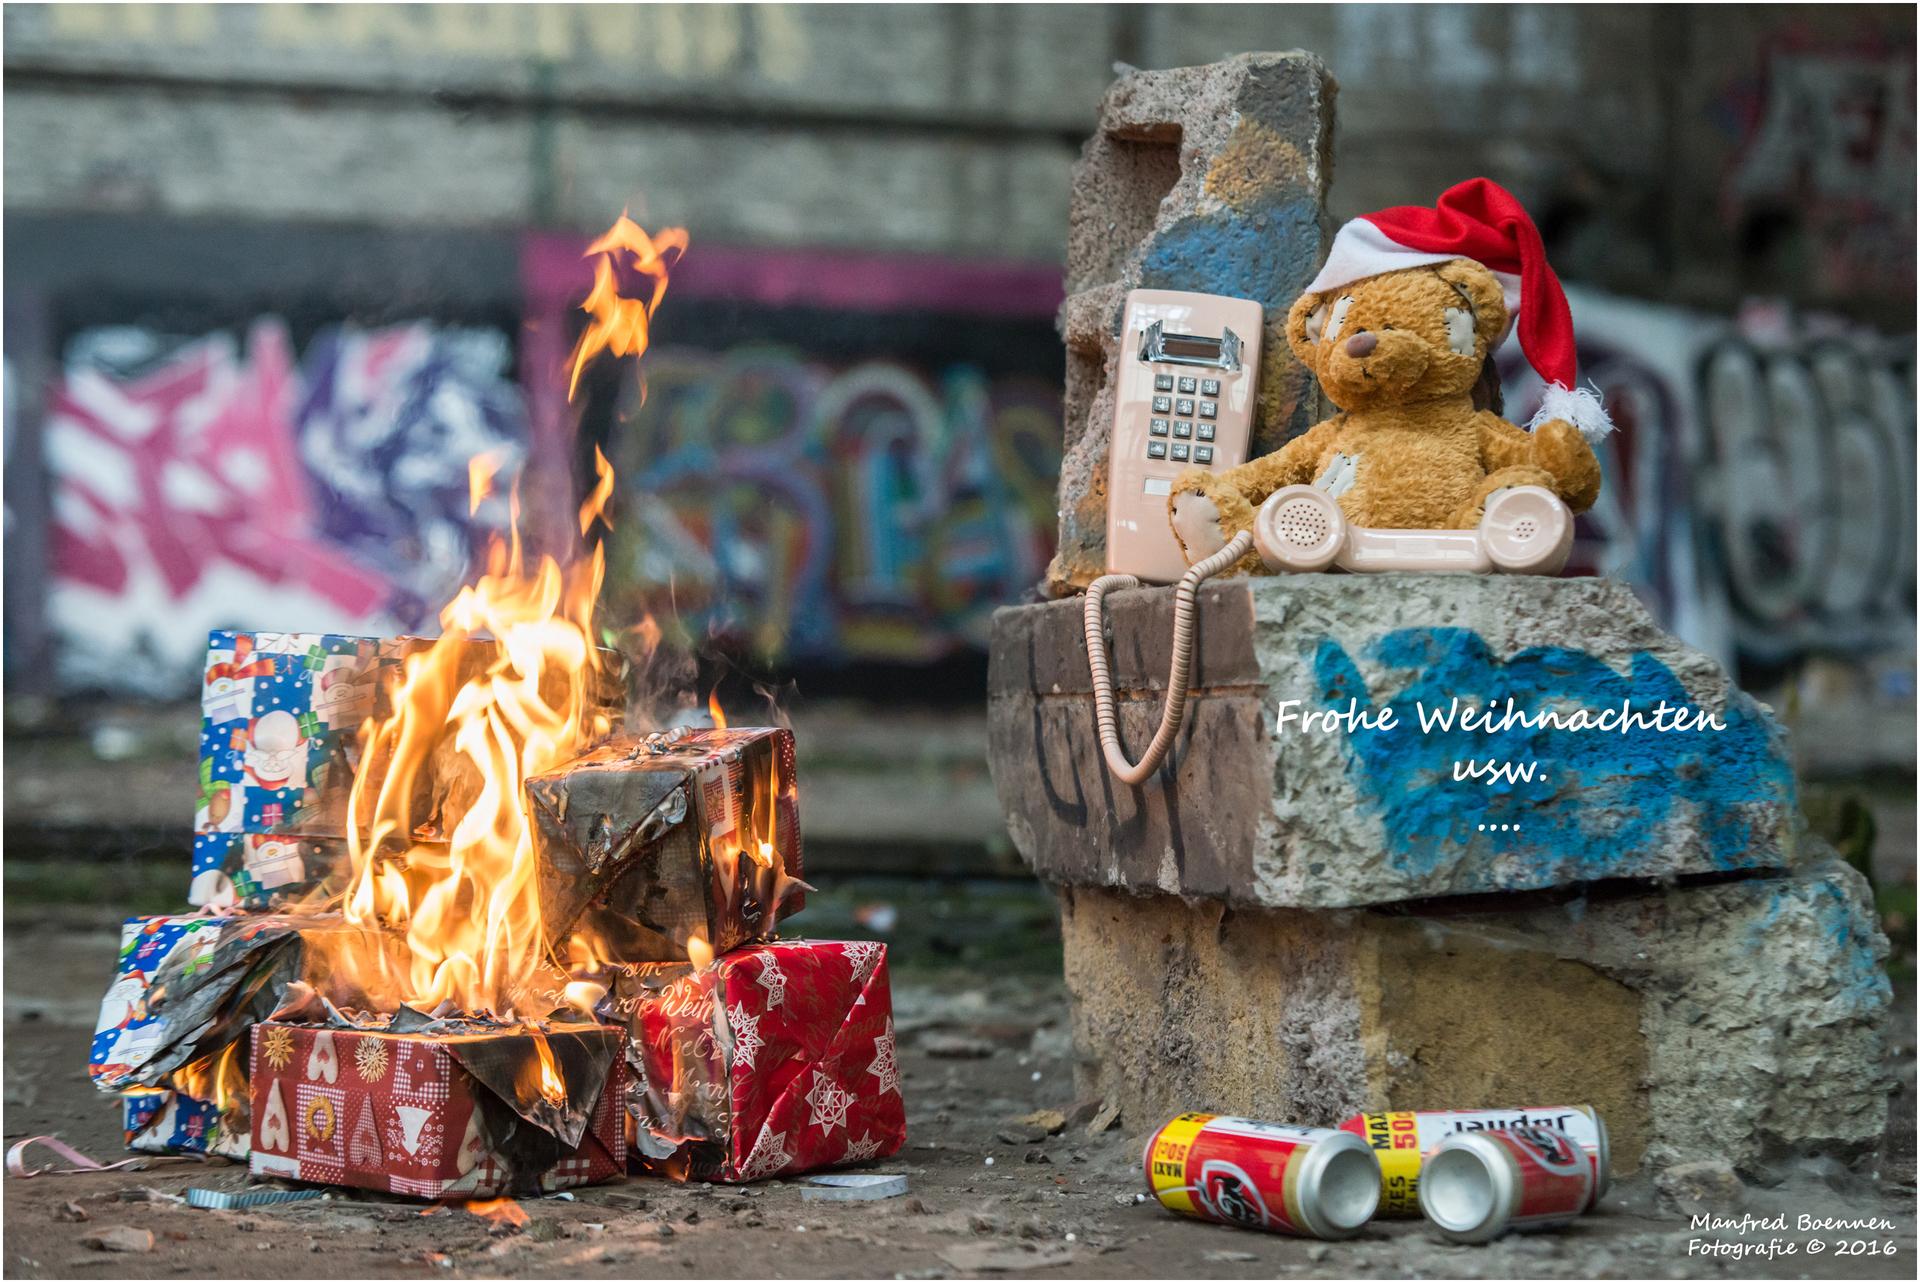 warme weihnachten foto warme weihnachten hifi forum. Black Bedroom Furniture Sets. Home Design Ideas